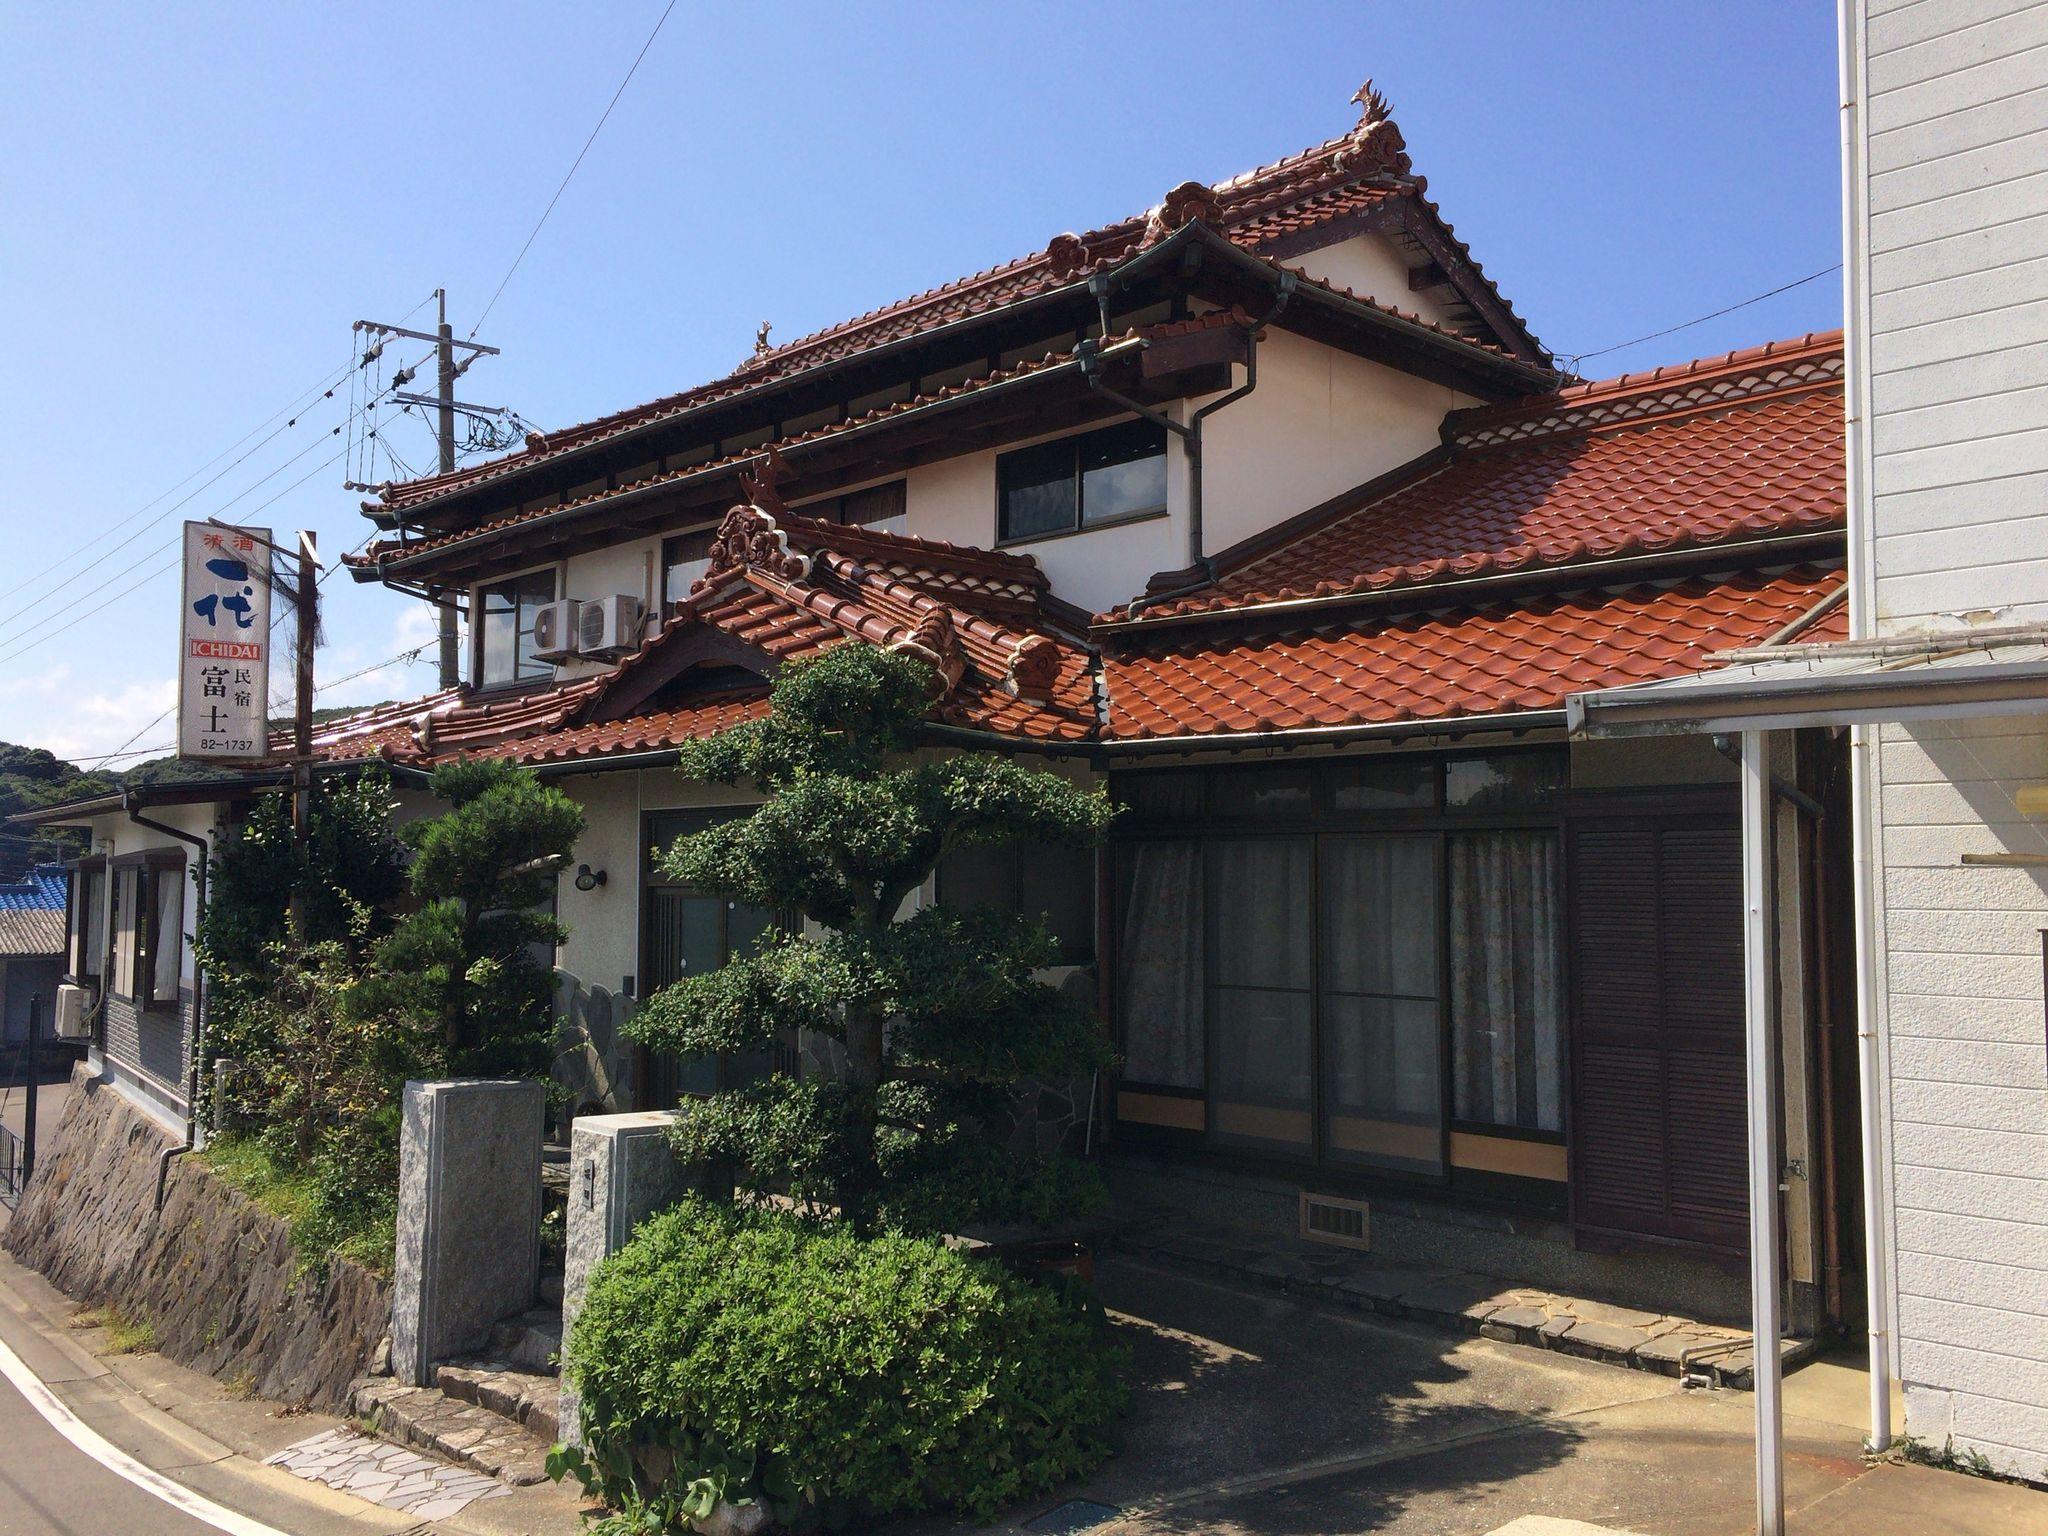 Minshuku Fuji INN, Karatsu